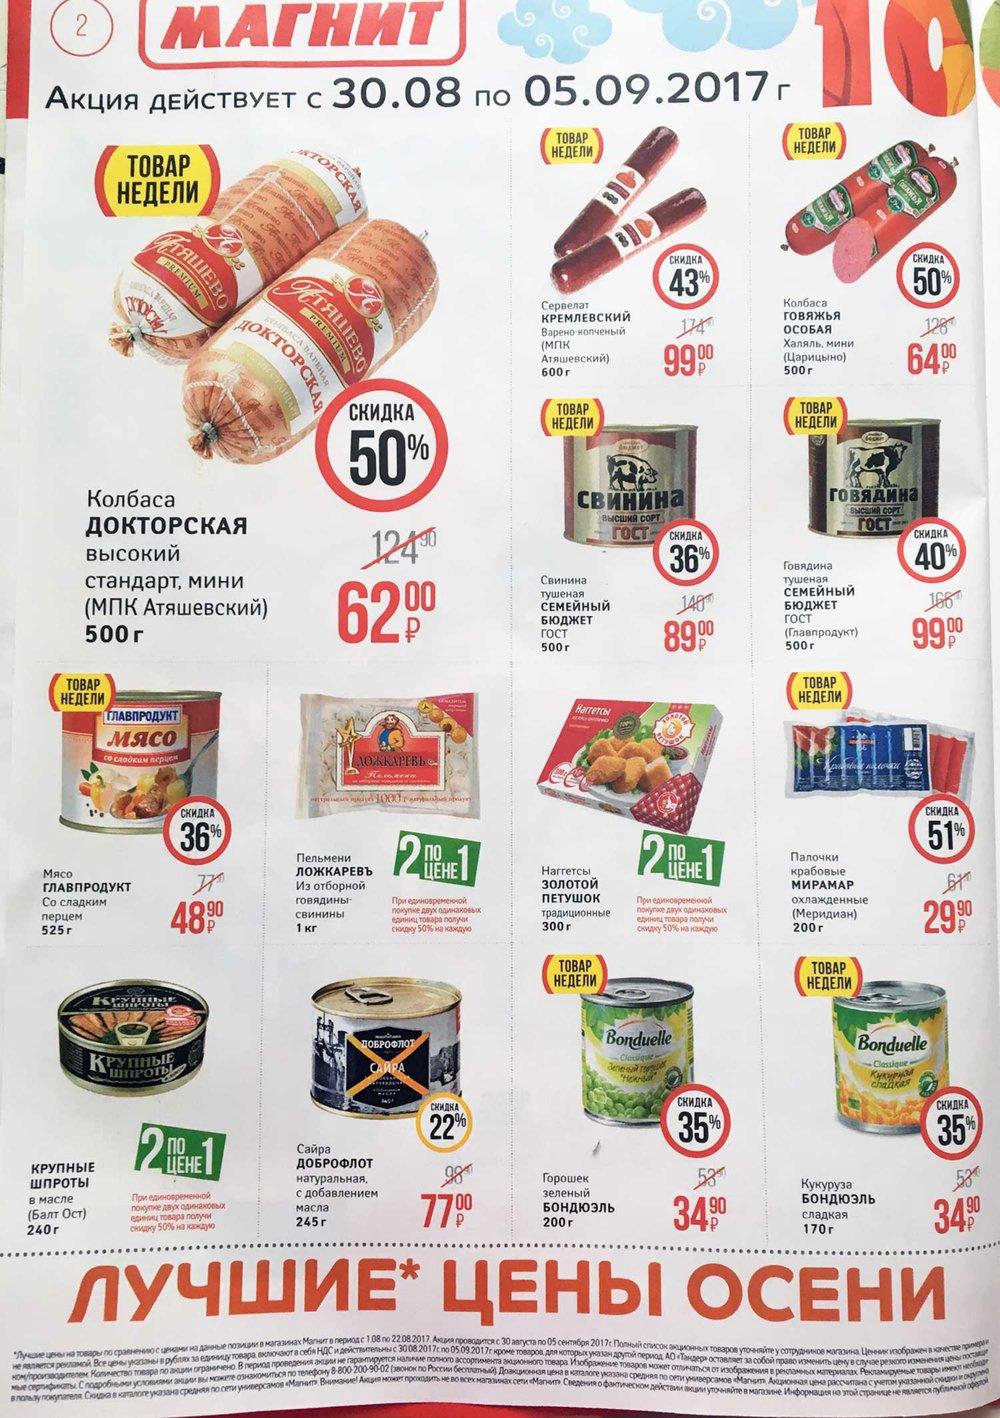 Каталог акций Магнит Универсам с 30 августа по 5 сентября 2017 - стр. 2